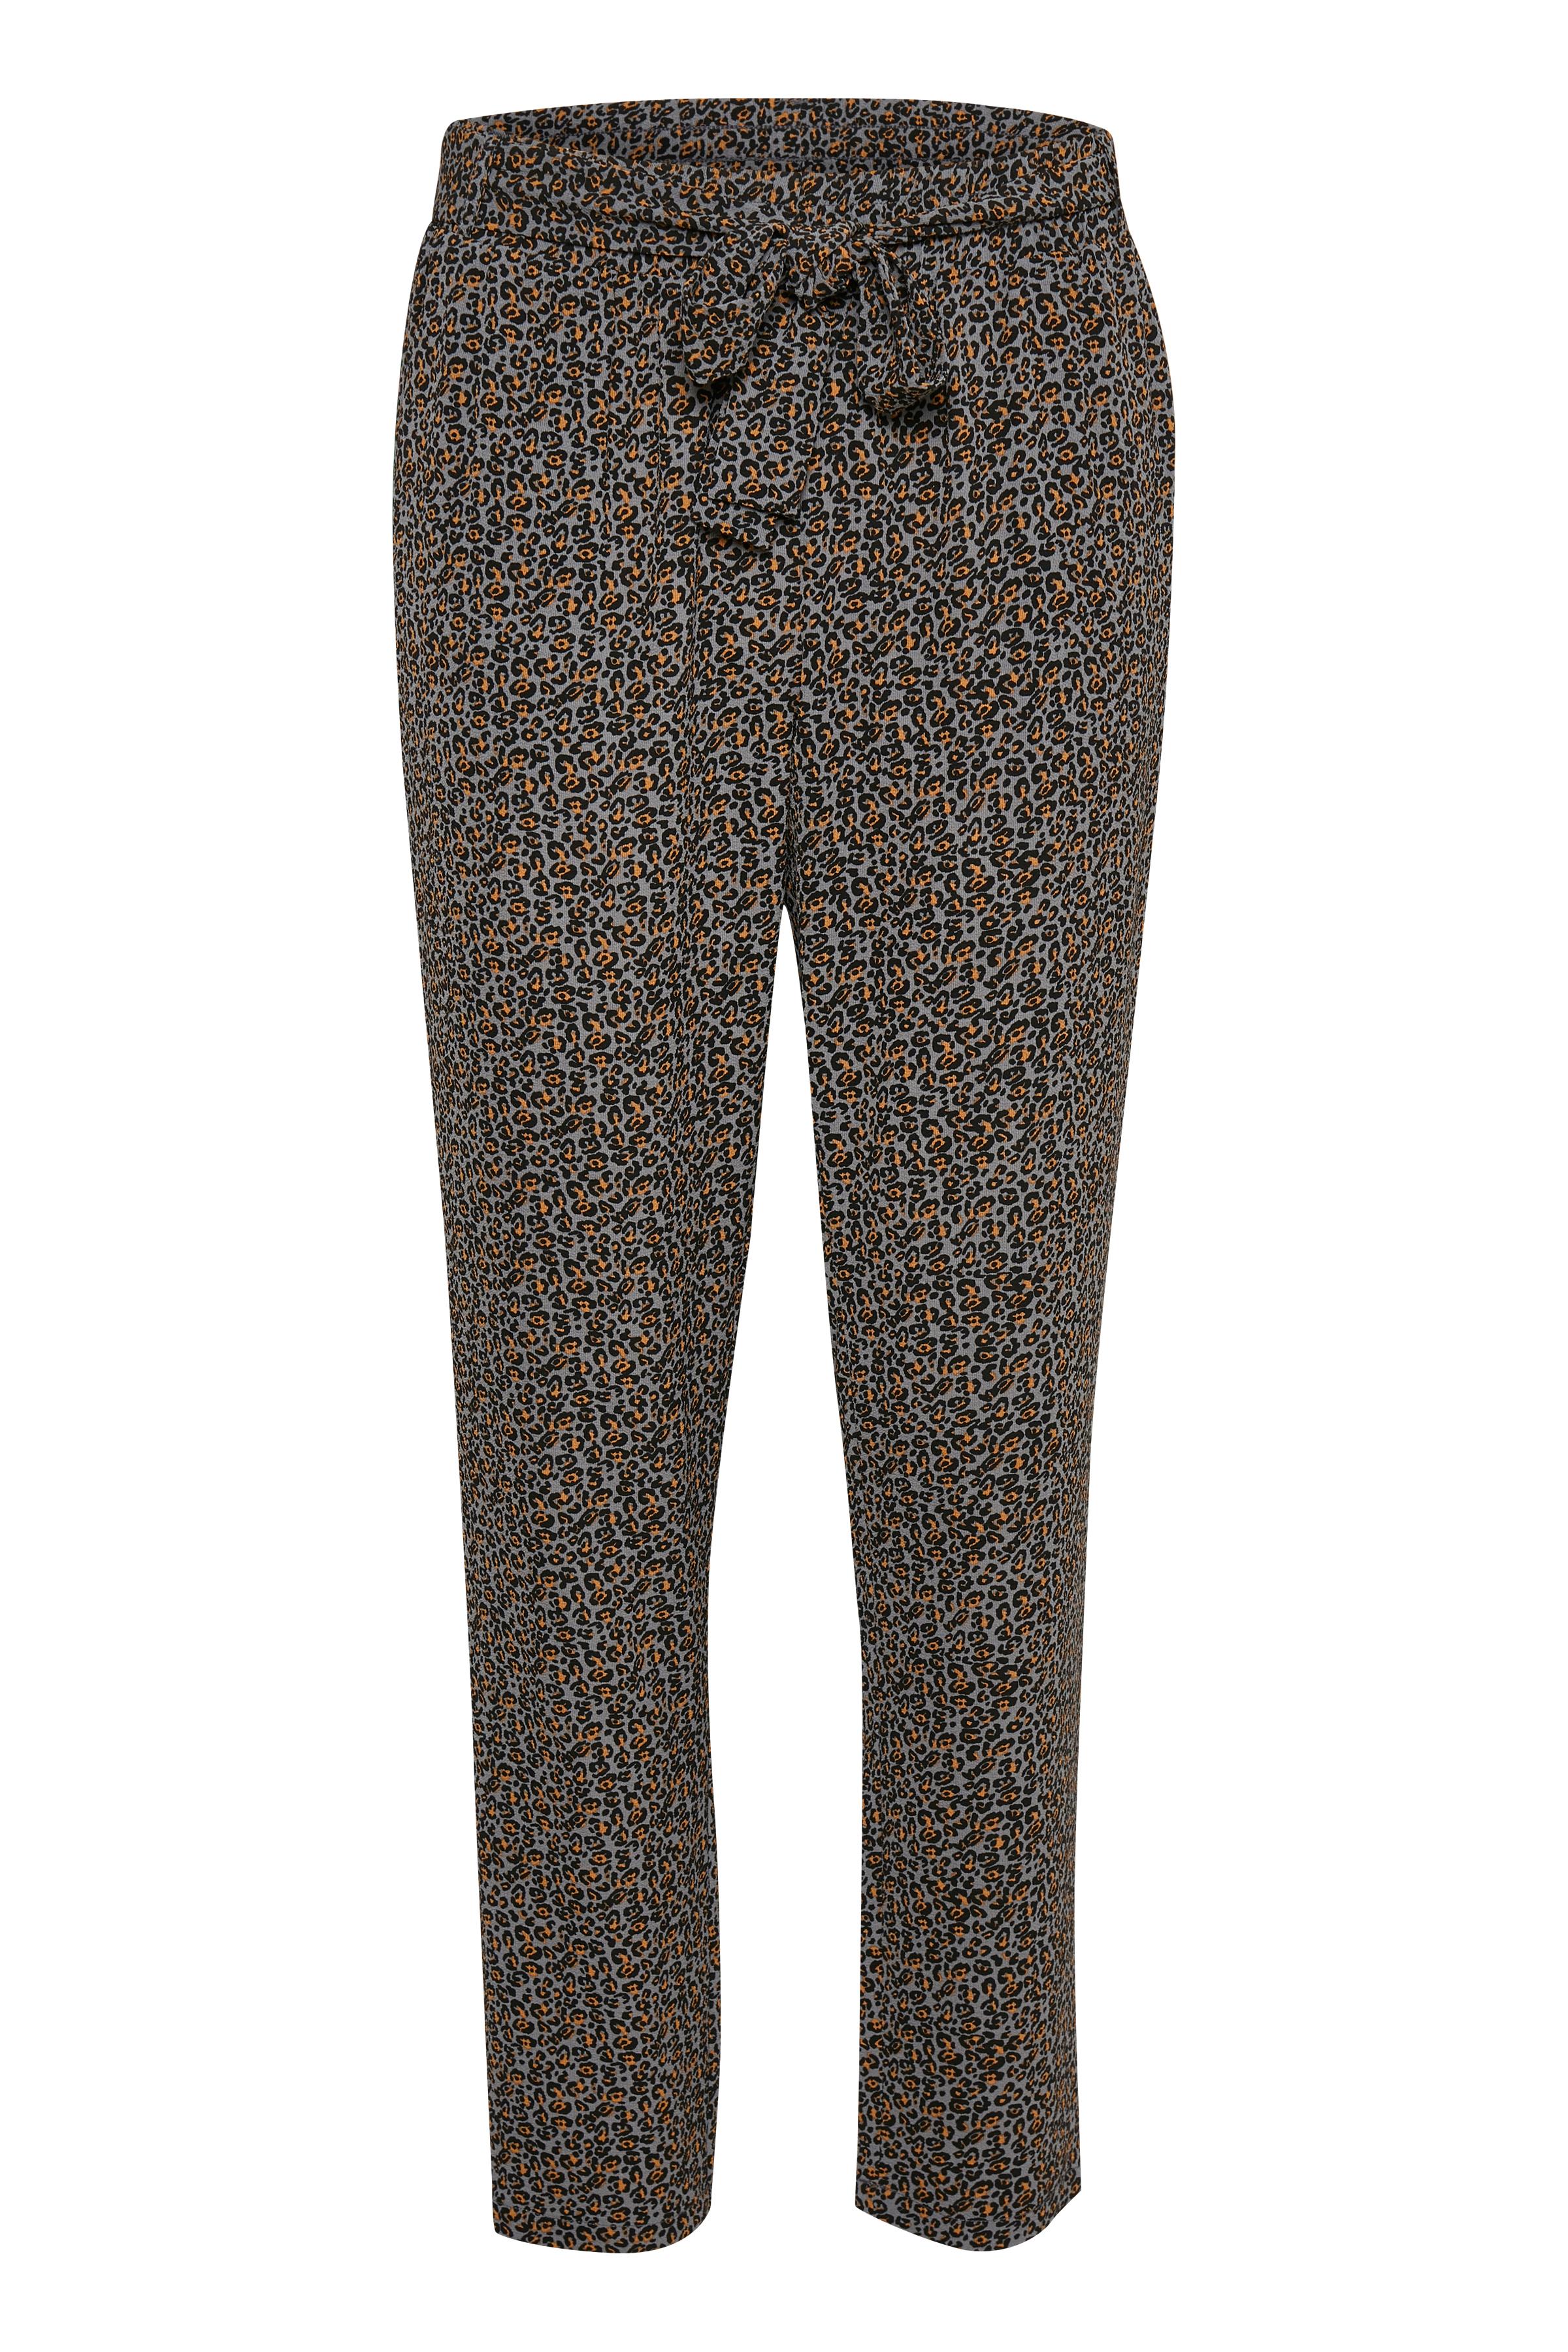 Grå/lysebrun Casual bukser fra Kaffe – Køb Grå/lysebrun Casual bukser fra str. 34-46 her